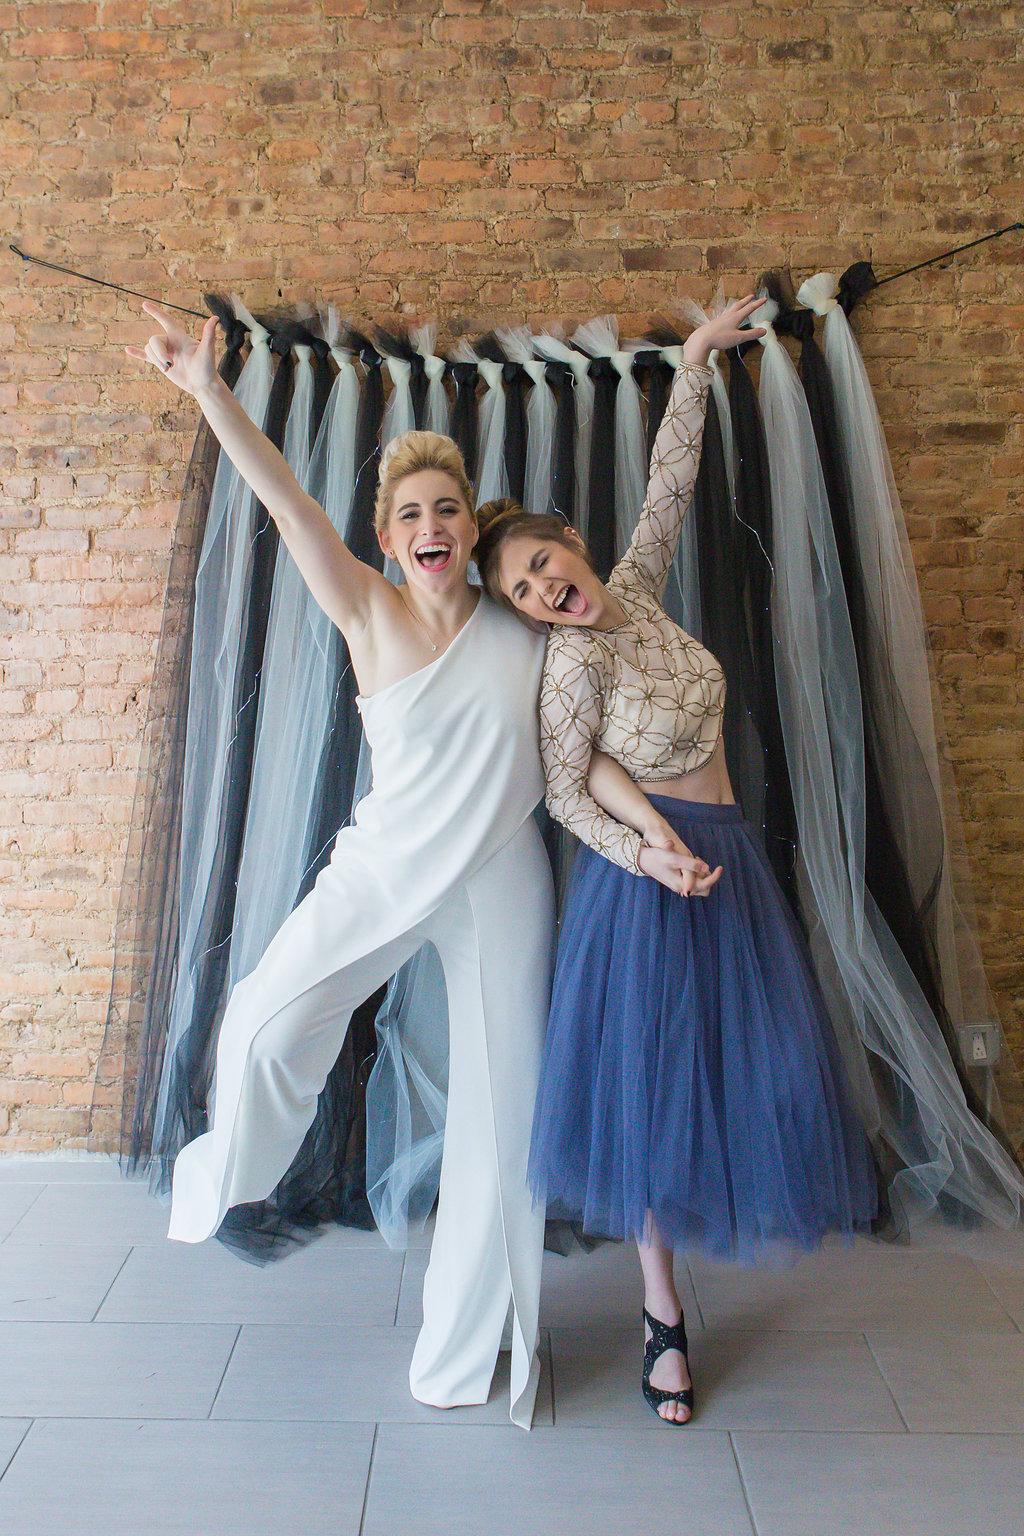 Soirée+&+Cabernet+Events+Kate+Alison+Zodiac+Wedding+New+York (1).jpeg